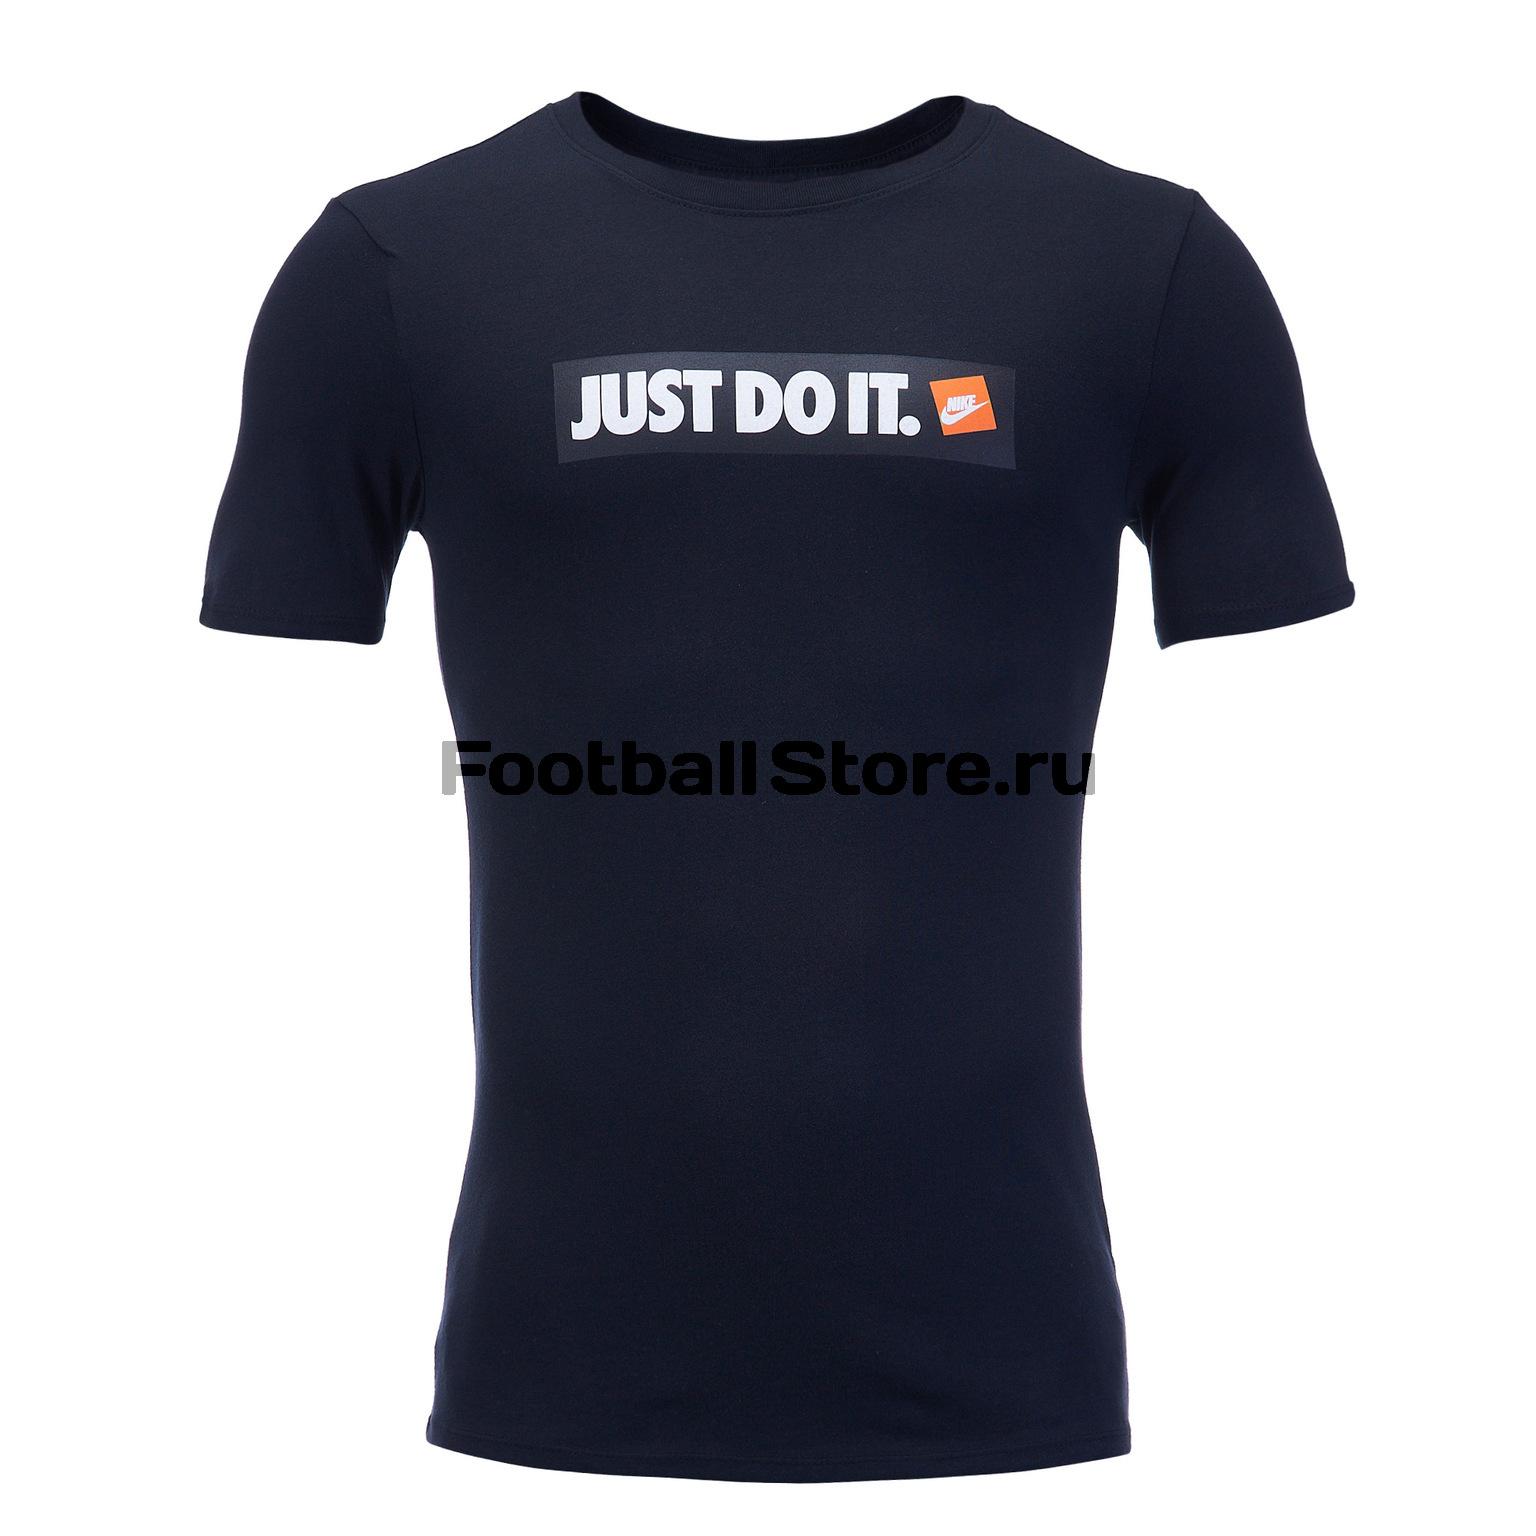 Футболка Nike Just Do It Tee AA6412-010